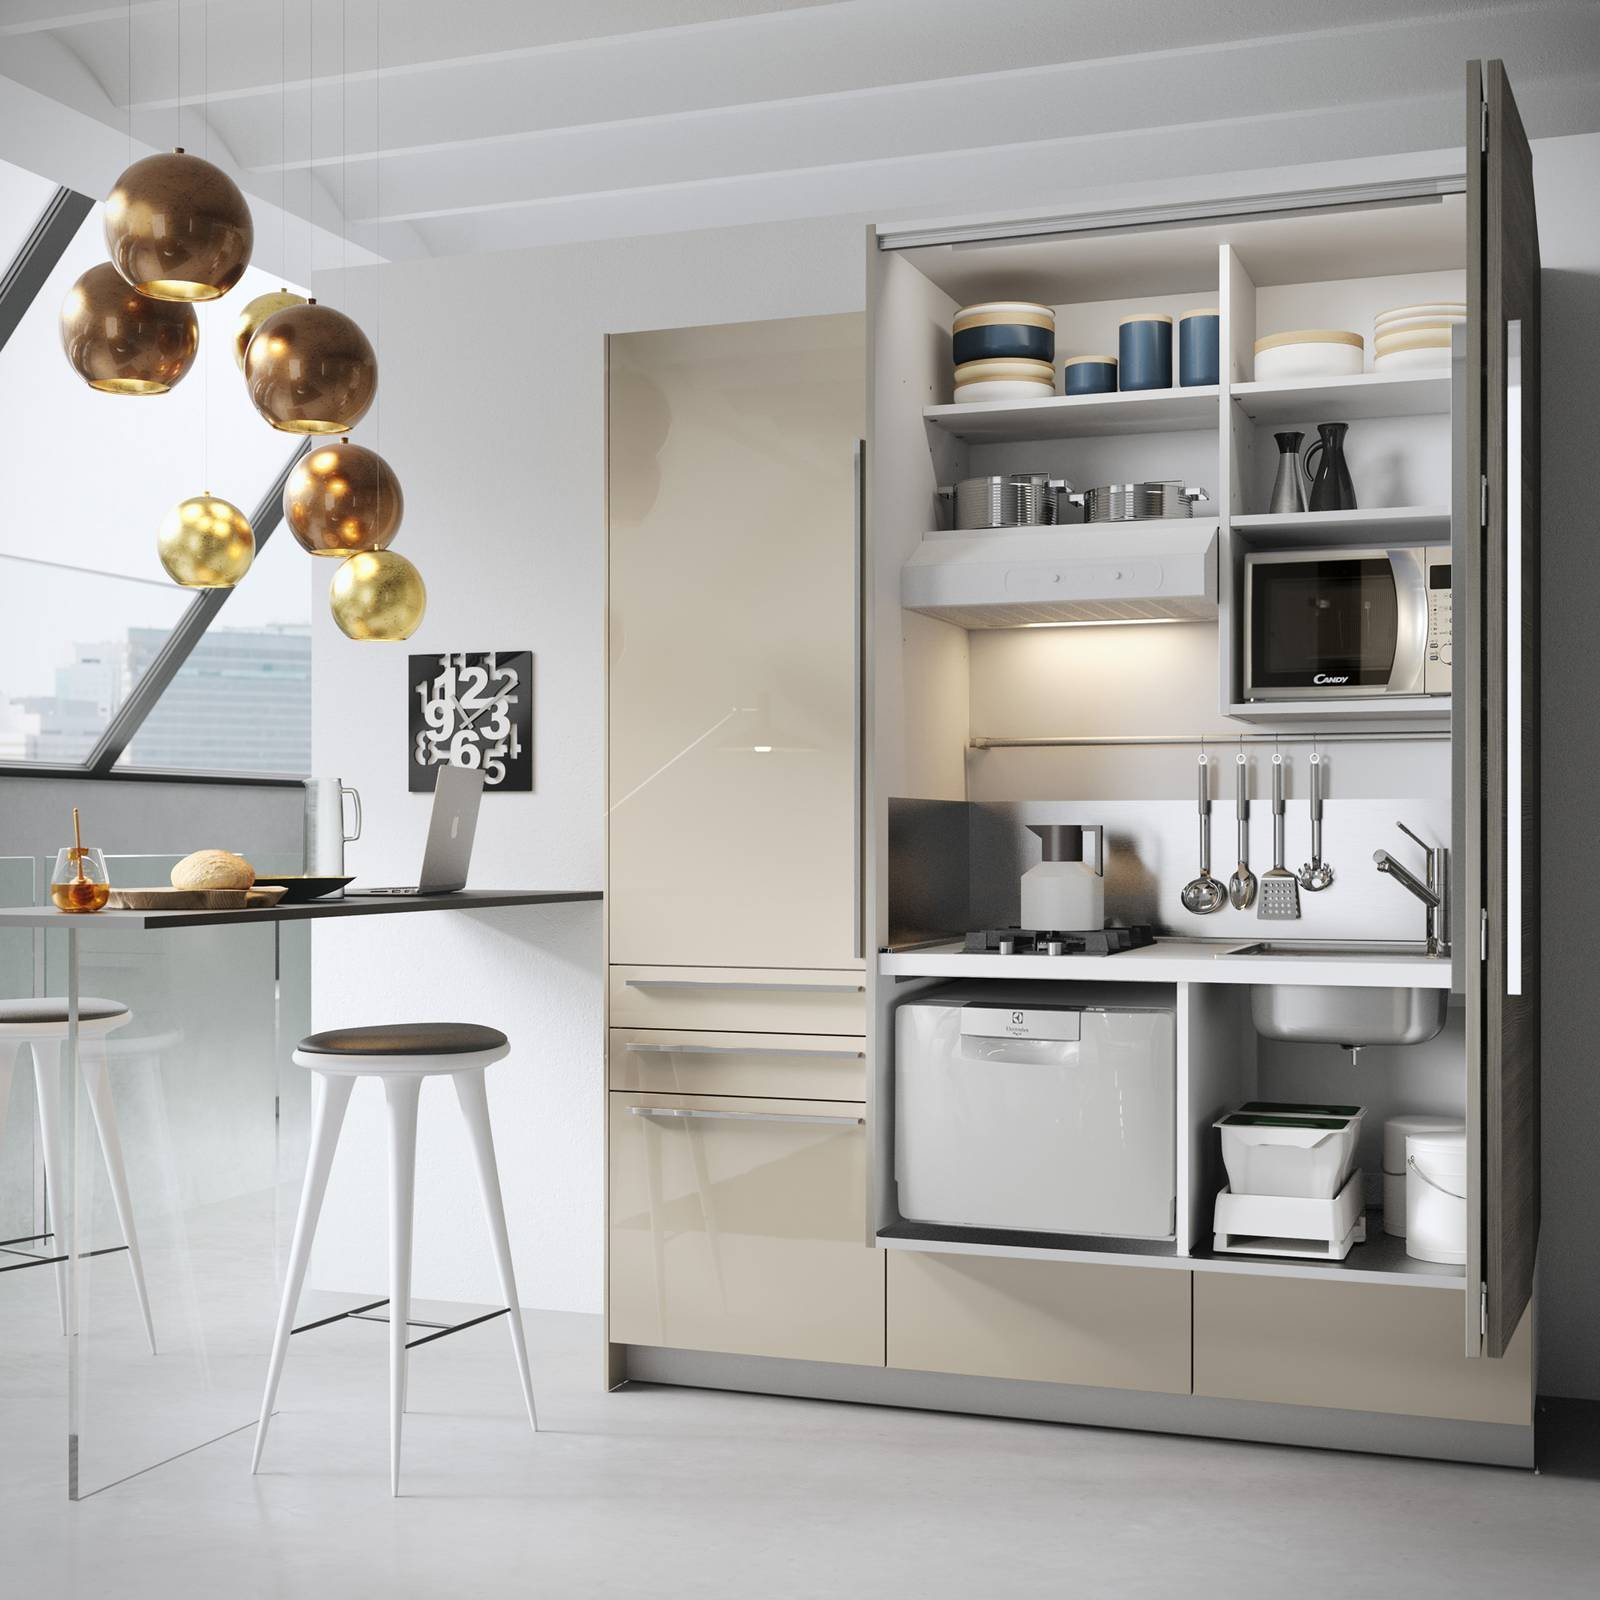 Mini cucina 5 soluzioni per la cucina piccola cose di casa for Piccola cucina a concetto aperto